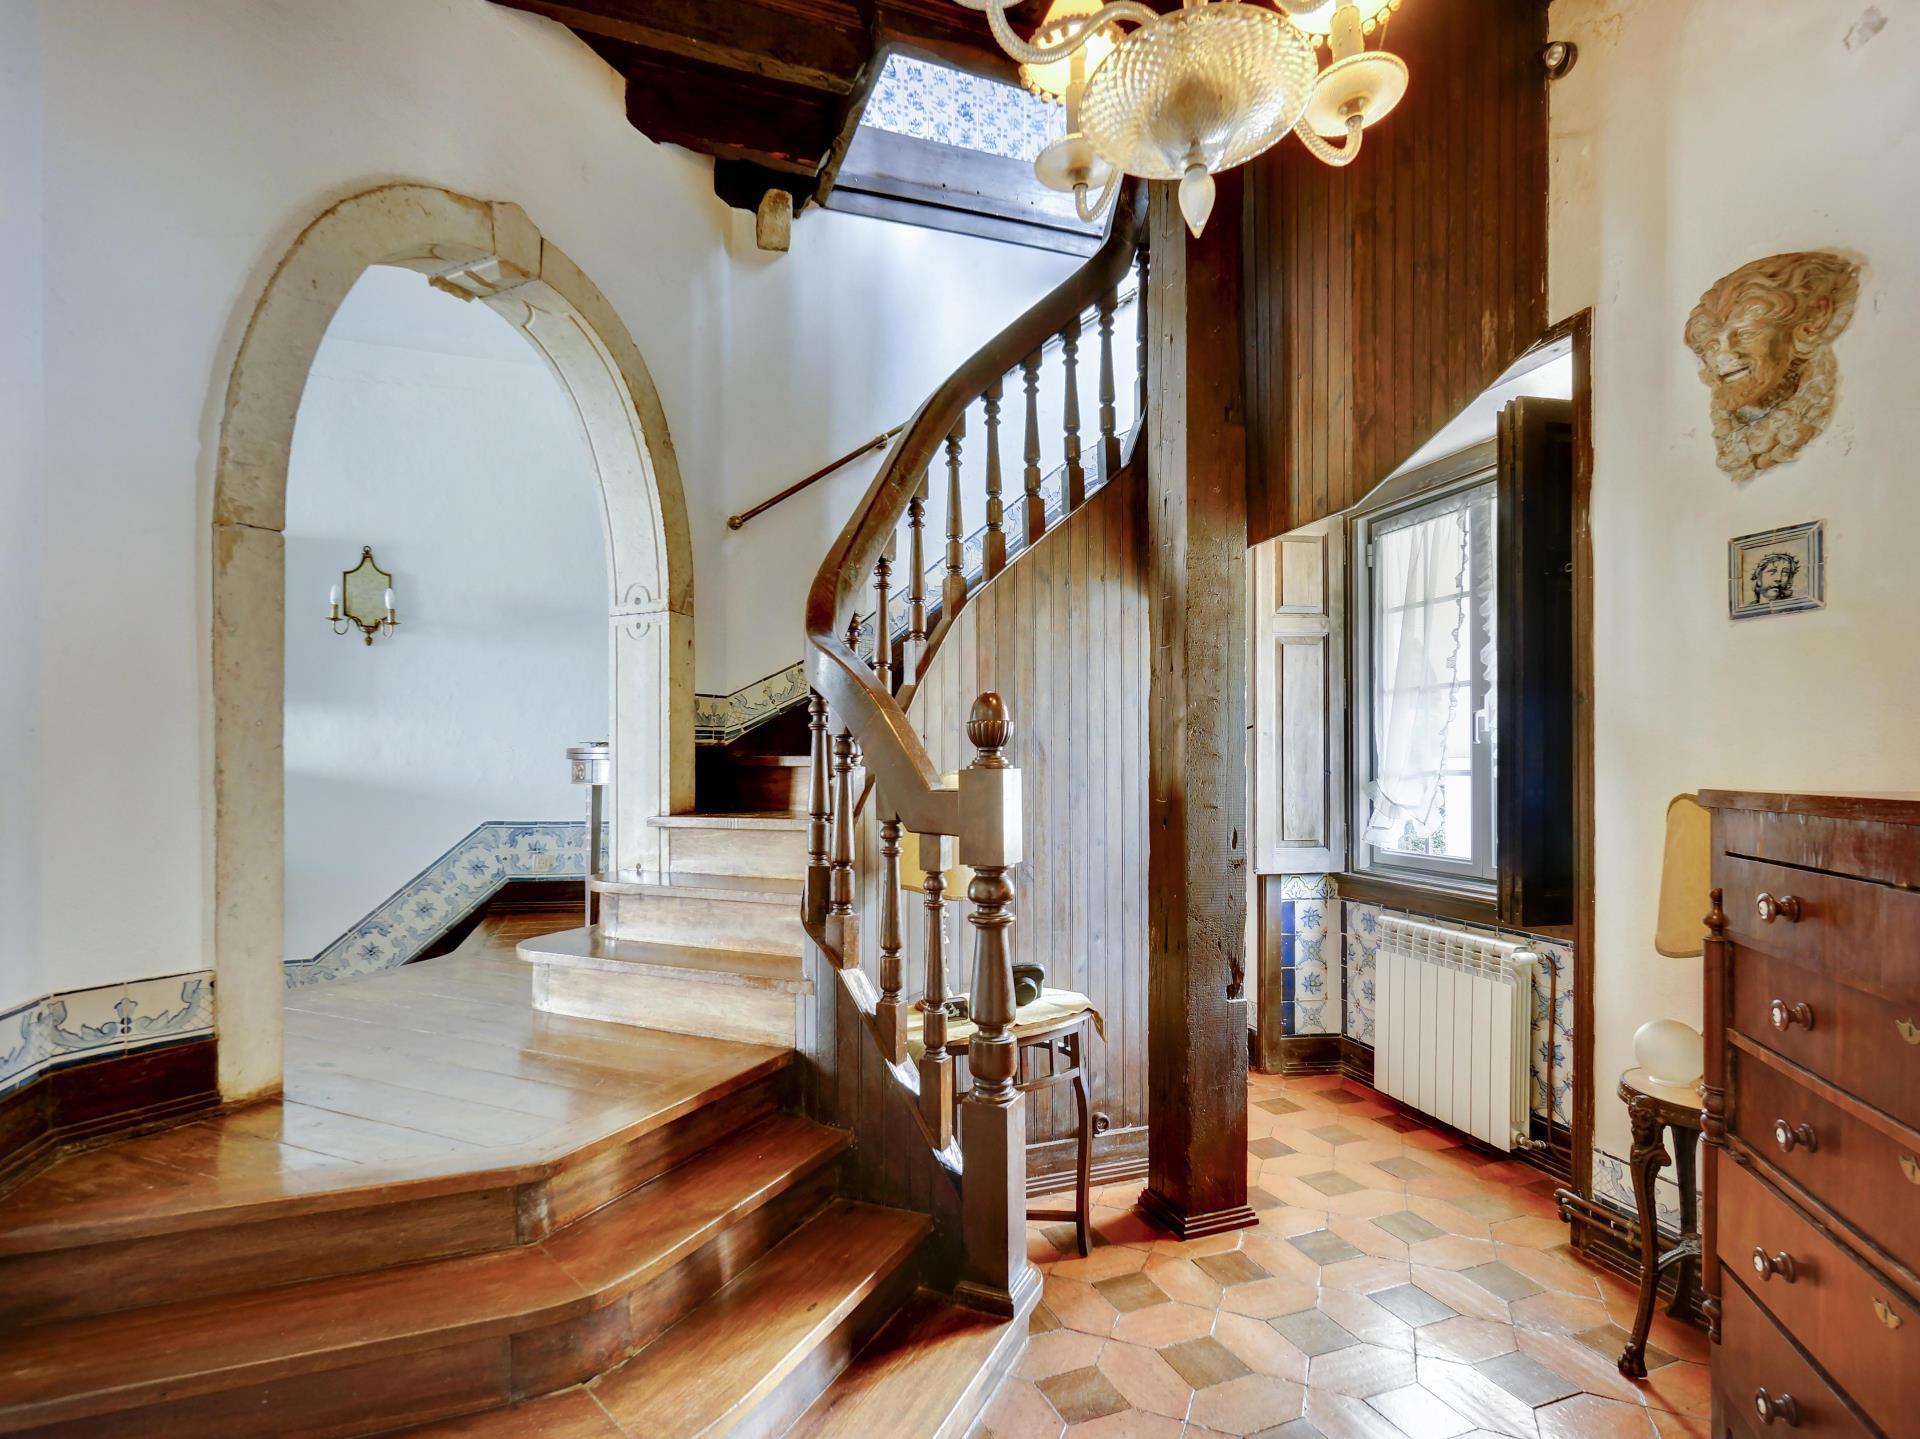 Maison unifamiliale pour l Vente à Detached house, 5 bedrooms, for Sale Sintra, Lisbonne Portugal